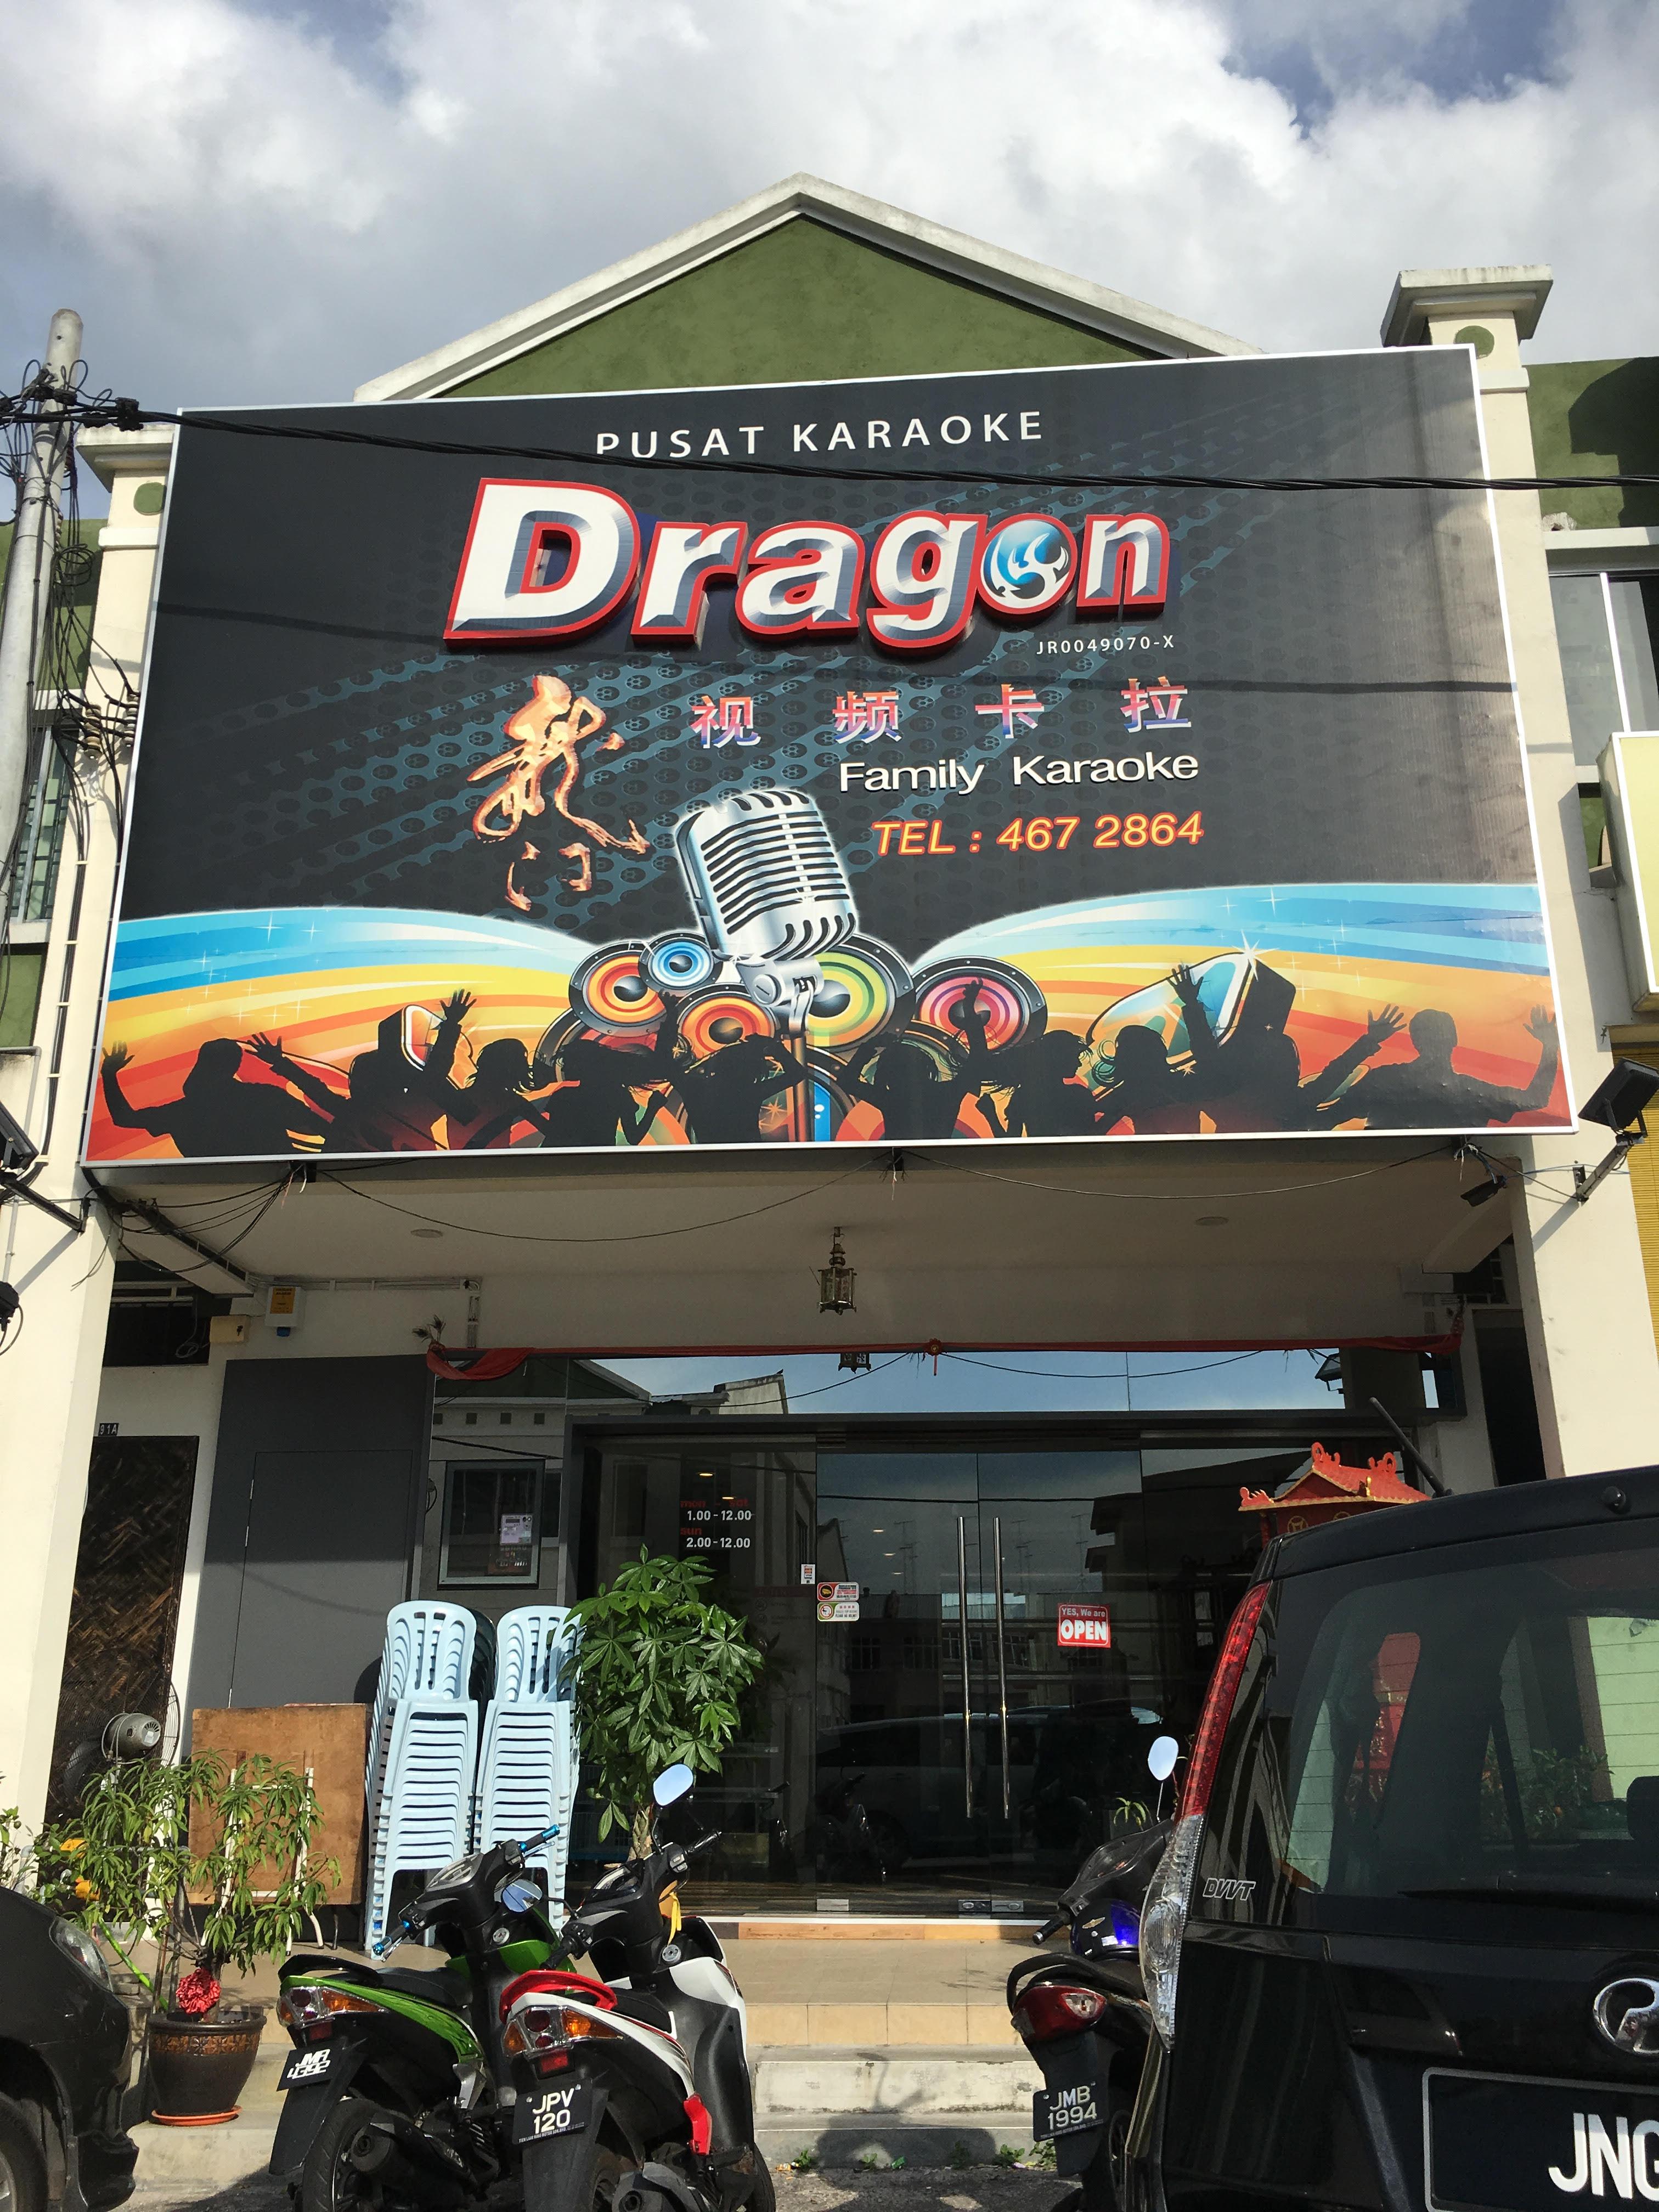 Dragon Karaoke